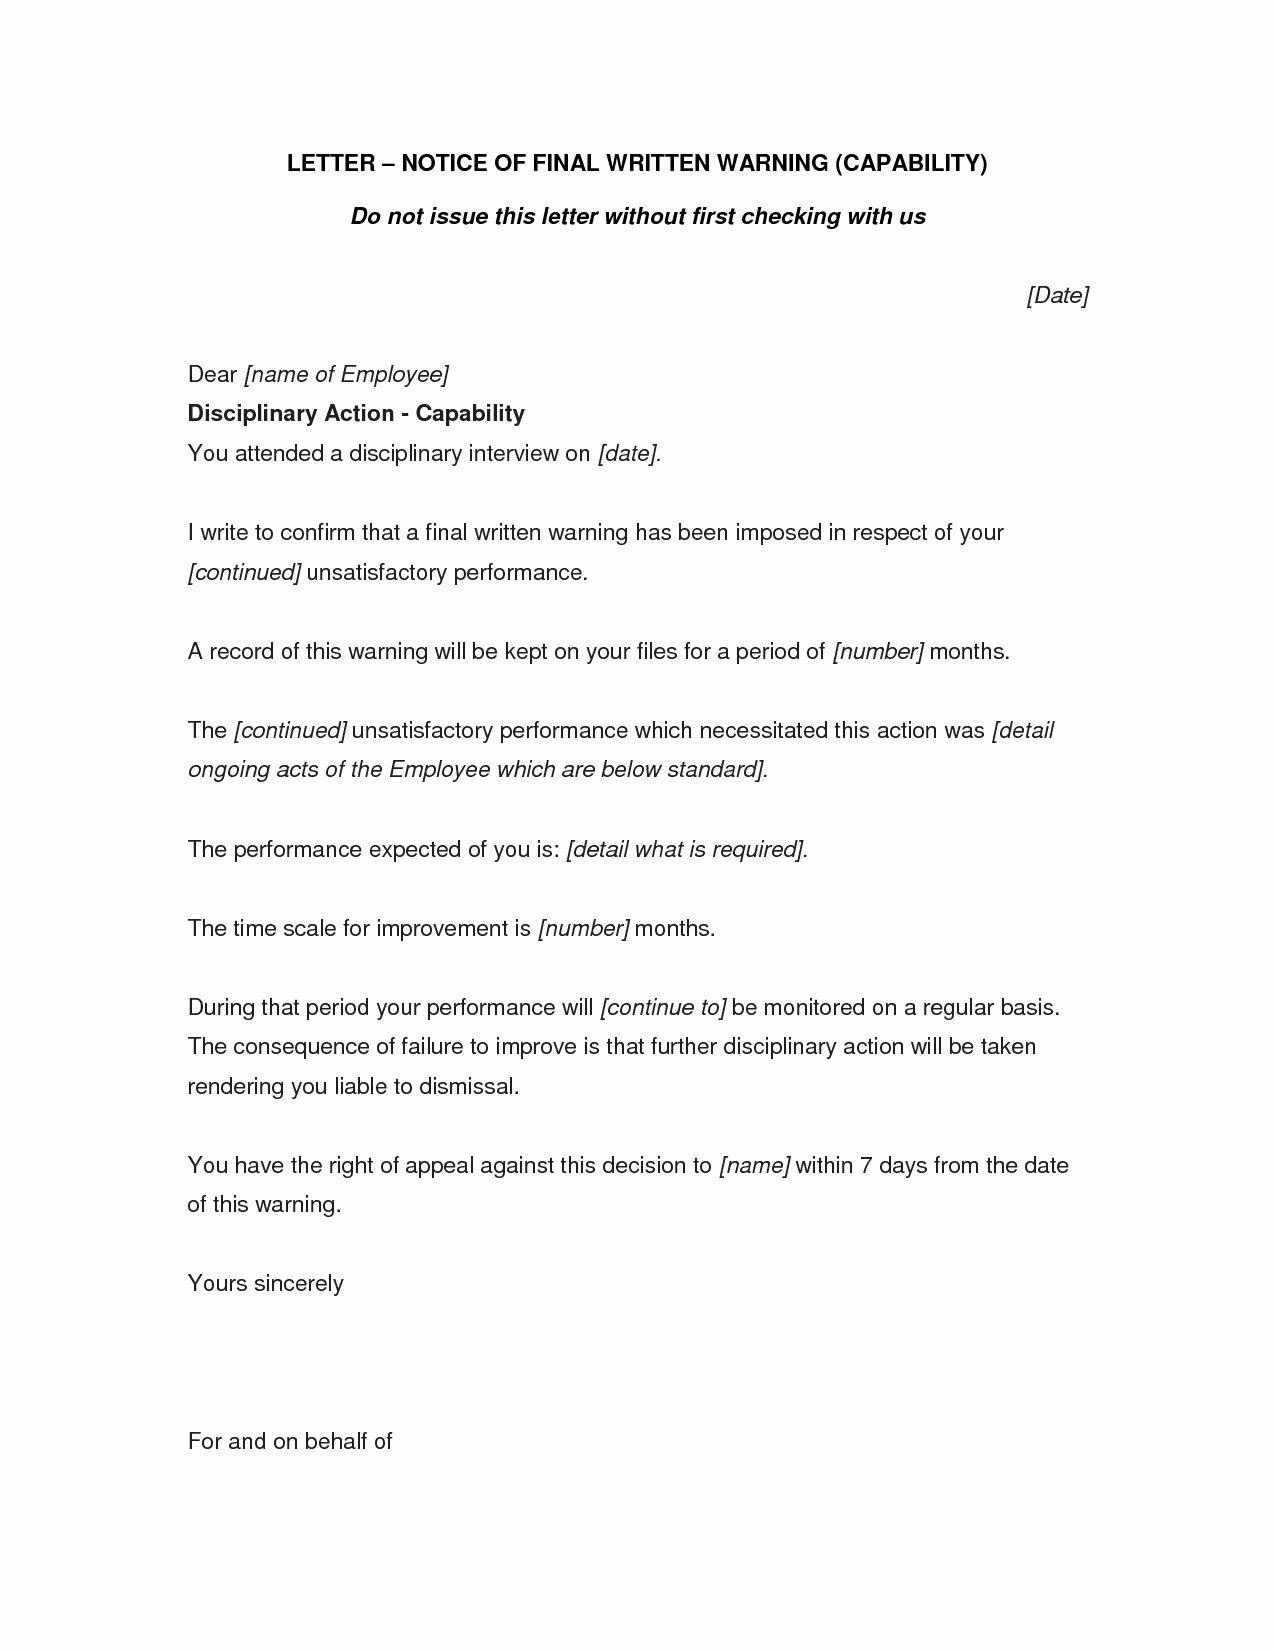 Employee Written Warning Sample Letter New Final Written Warning Letter to Employee